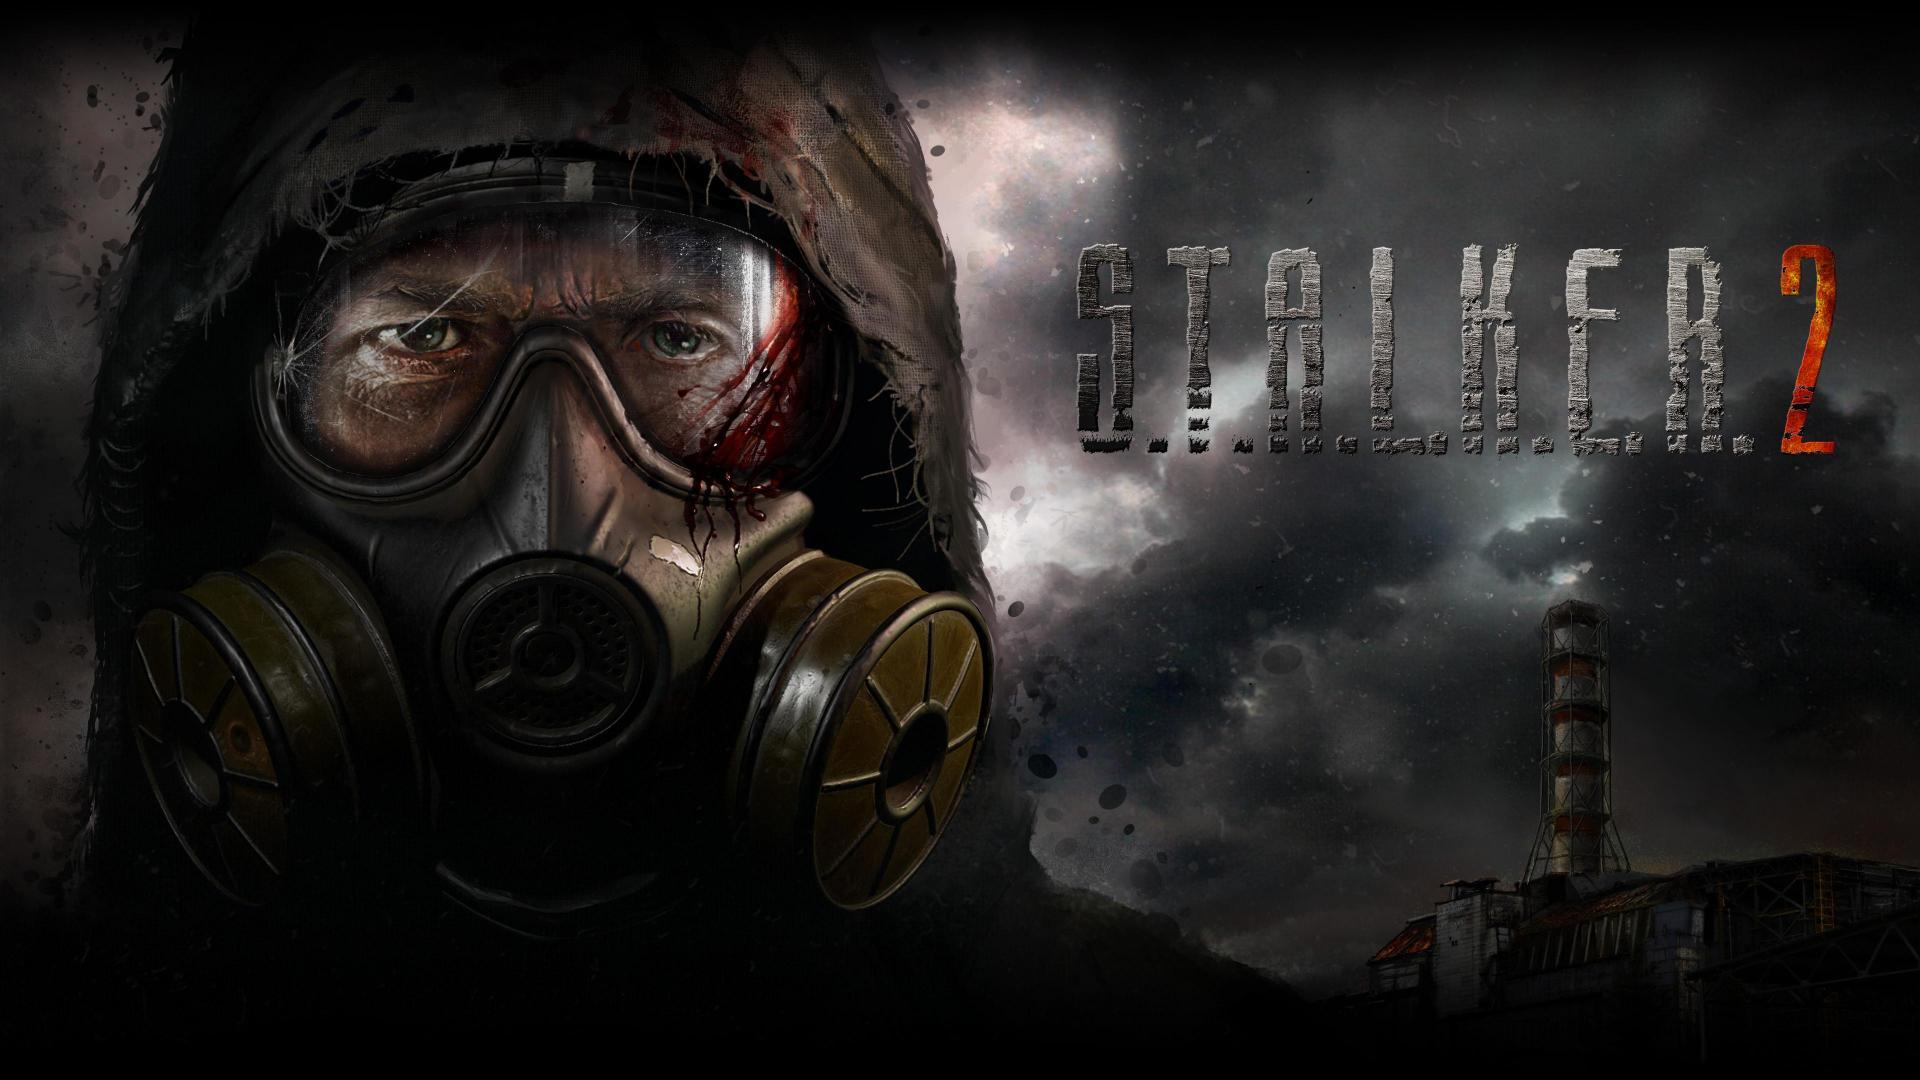 Разработчикам S.T.A.L.K.E.R. 2 вкоманду требуются новые сотрудники. Можно работать удаленно